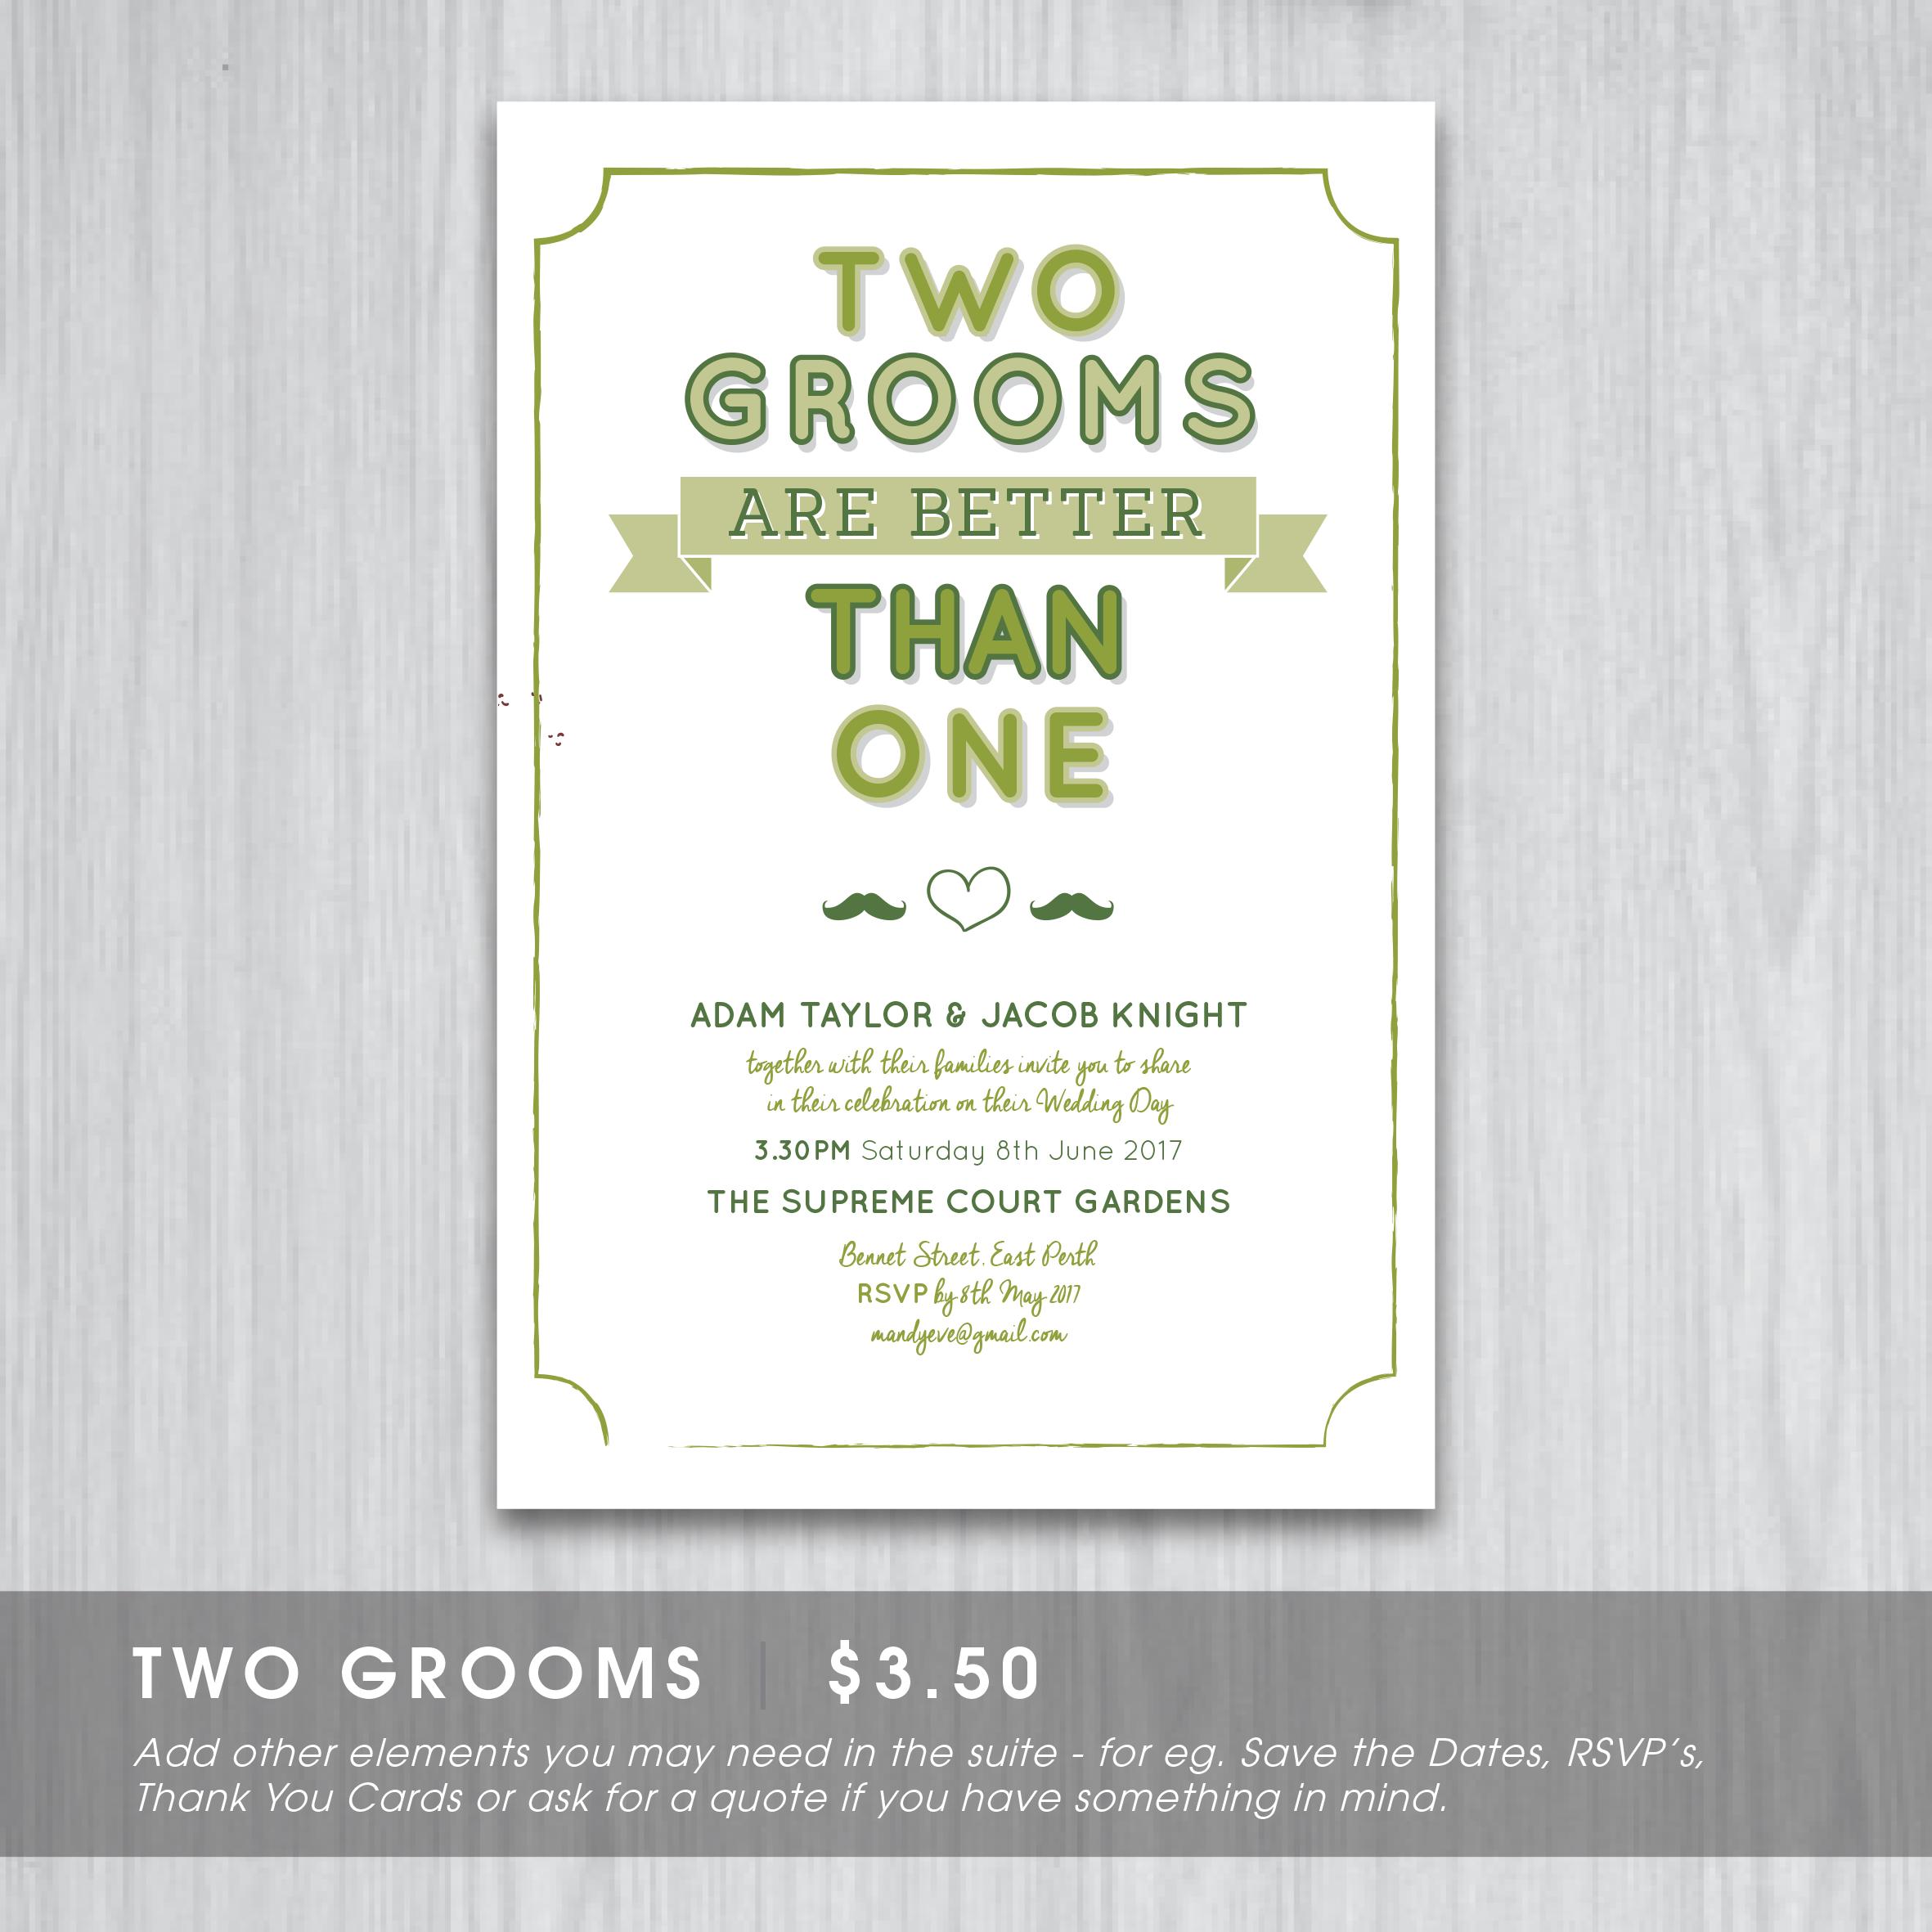 Wedding-Invites-Webpage-layout-9